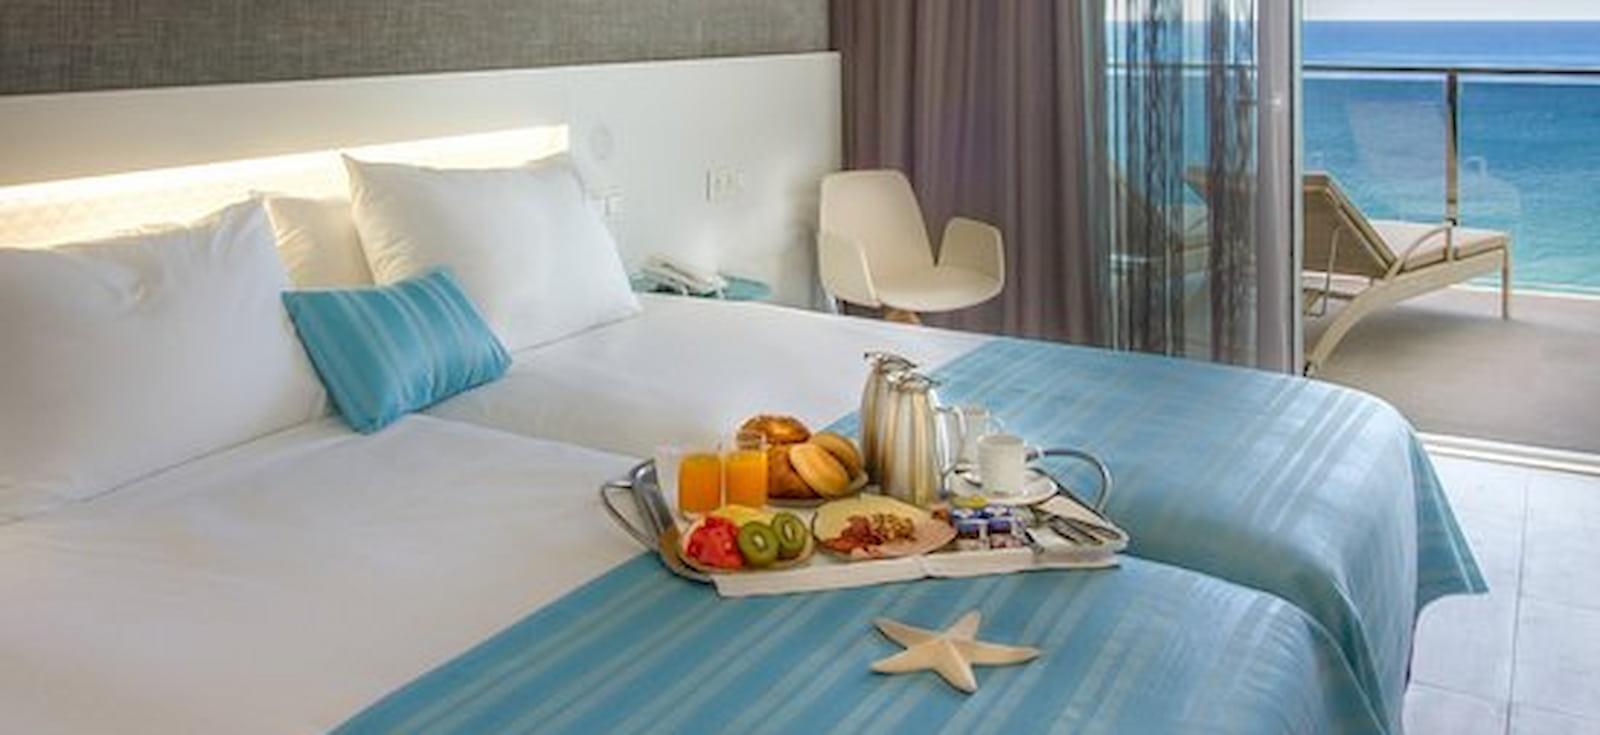 El hotel Suitopia reabre sus instalaciones